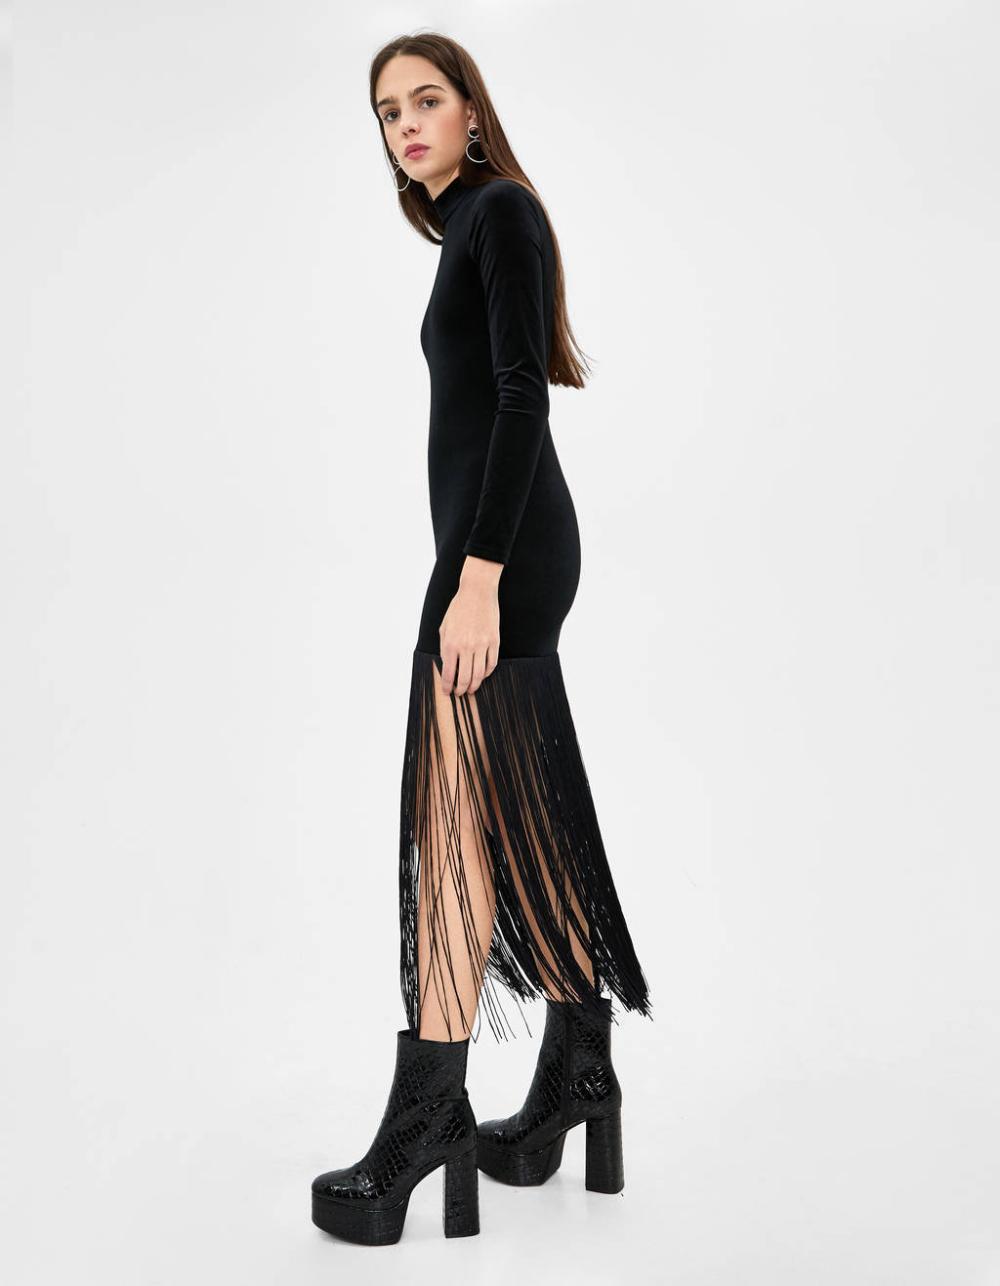 langes kleid mit fransen - neuheiten - bershka germany